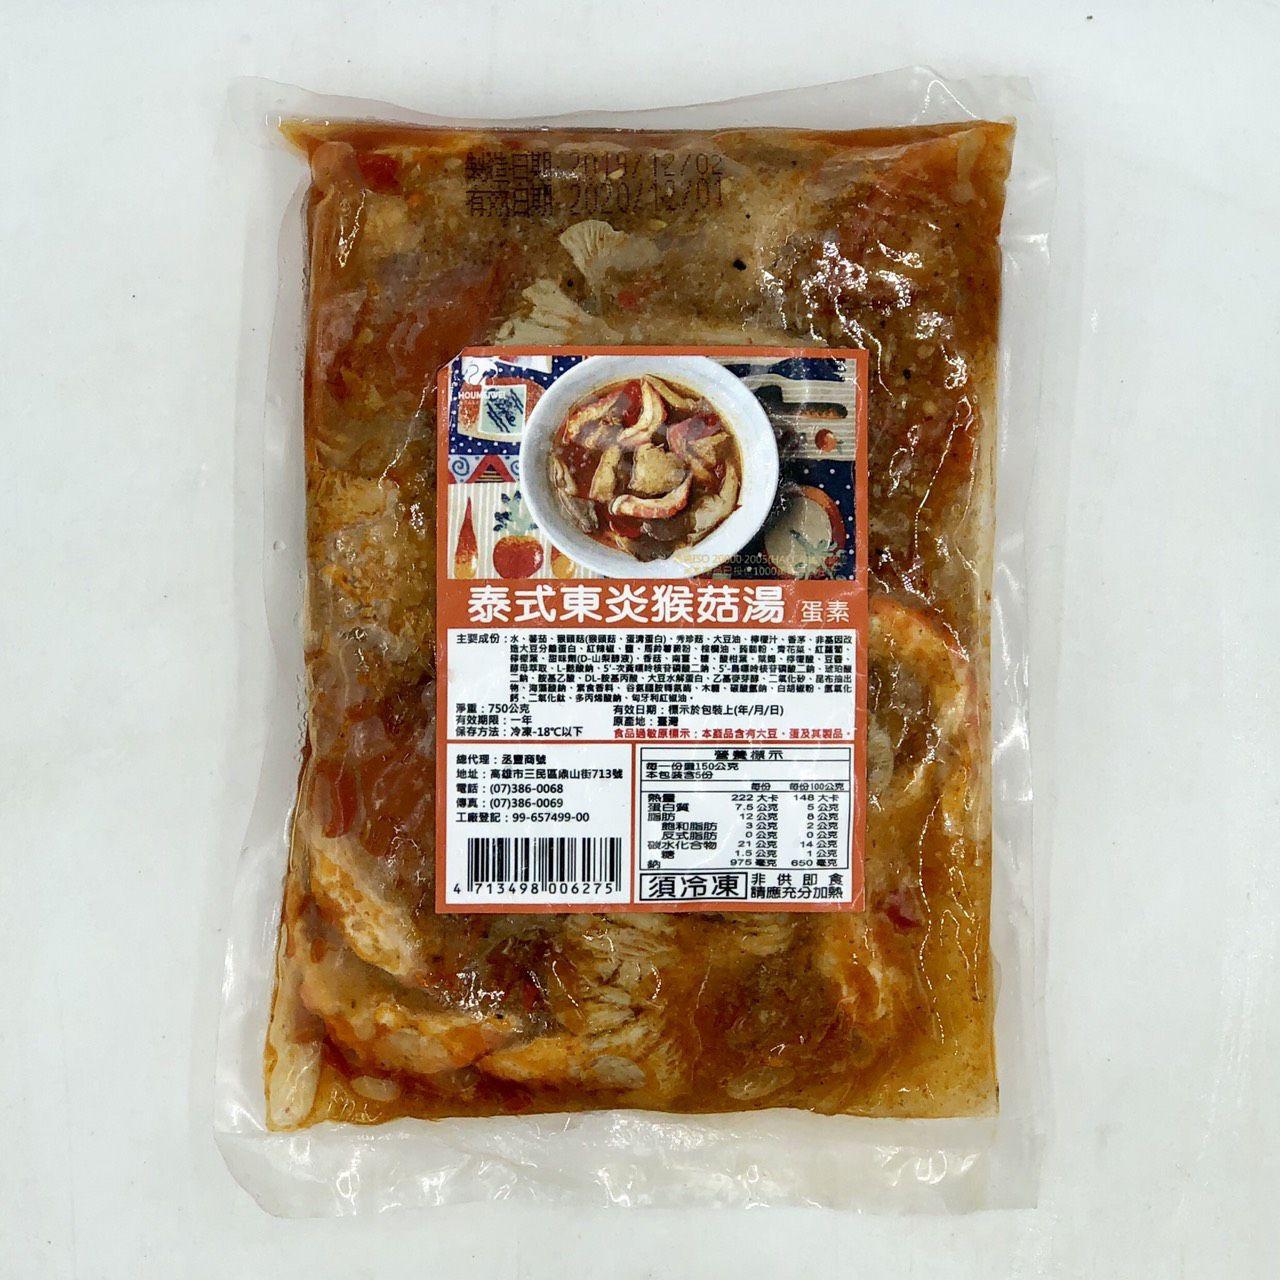 (丞豐)泰式東炎猴菇湯750g(蛋素)